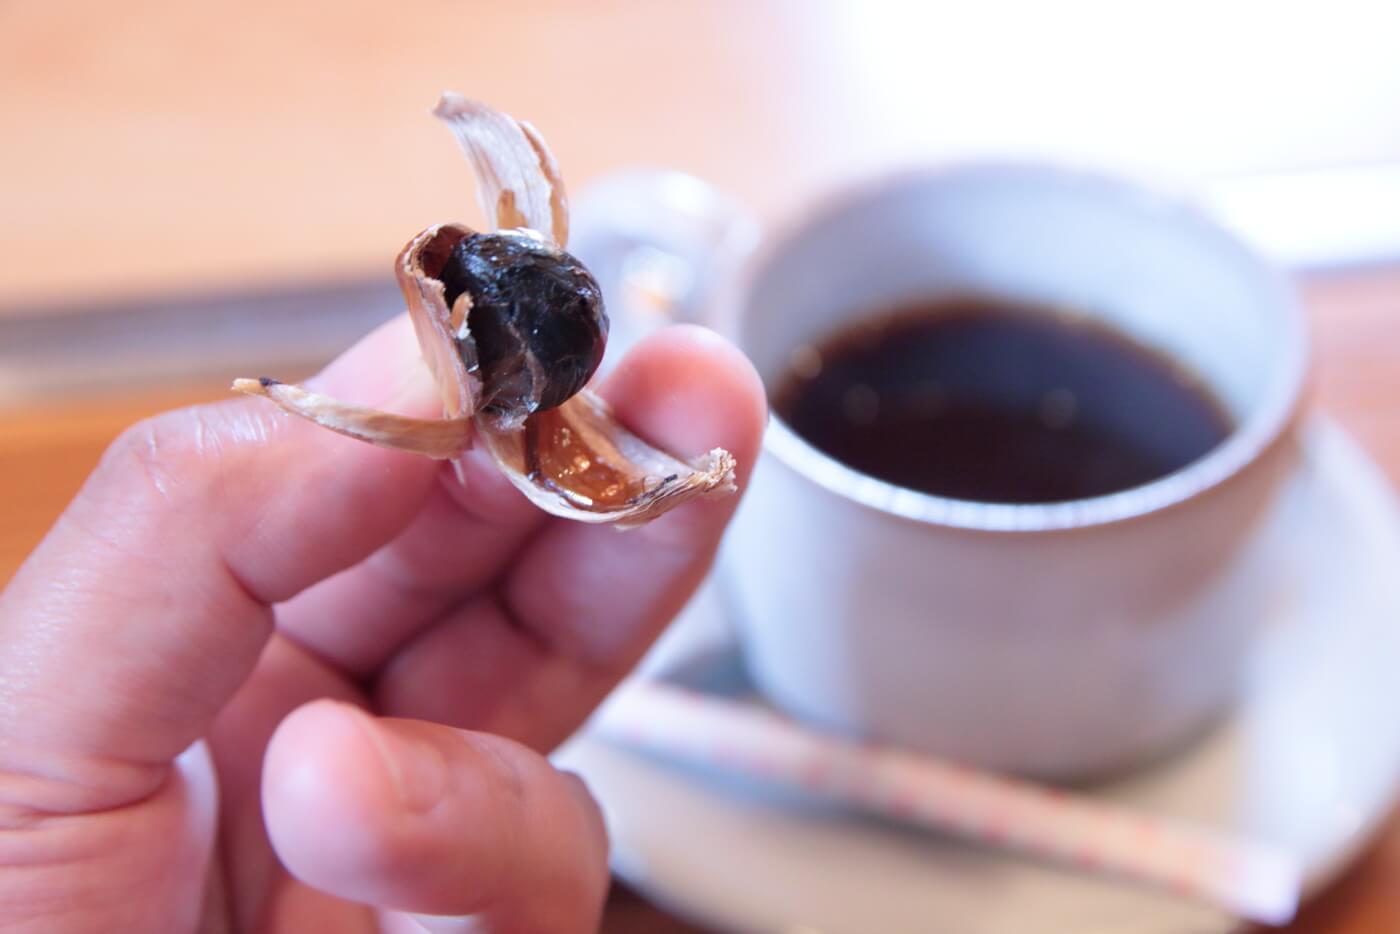 南国農家のランチ 食後のコーヒーとセットで出される黒ニンニク